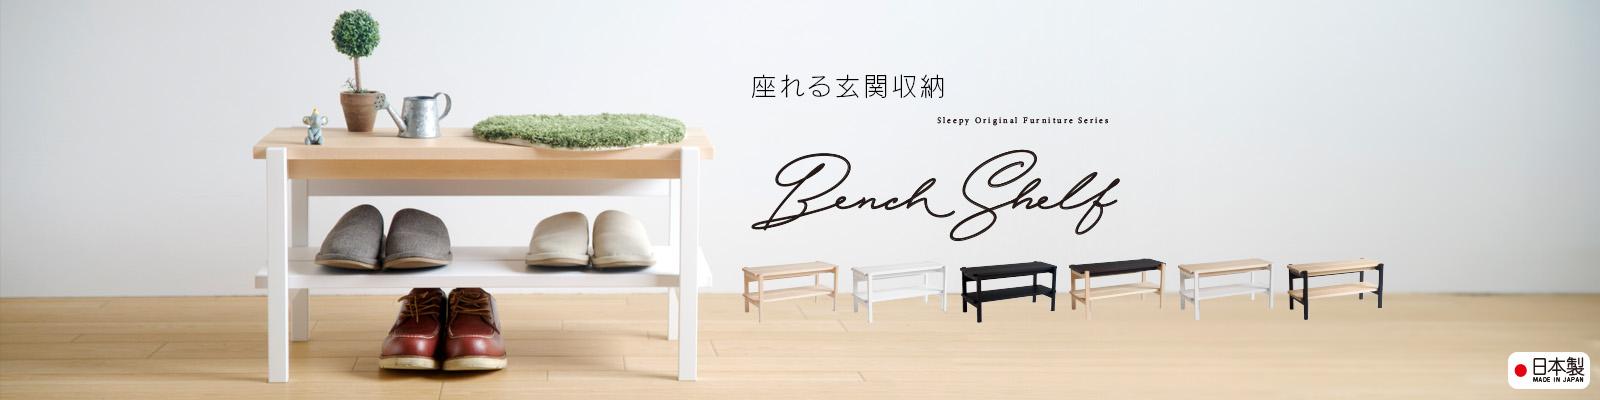 ベンチとしても活用できる天然木の玄関収納家具